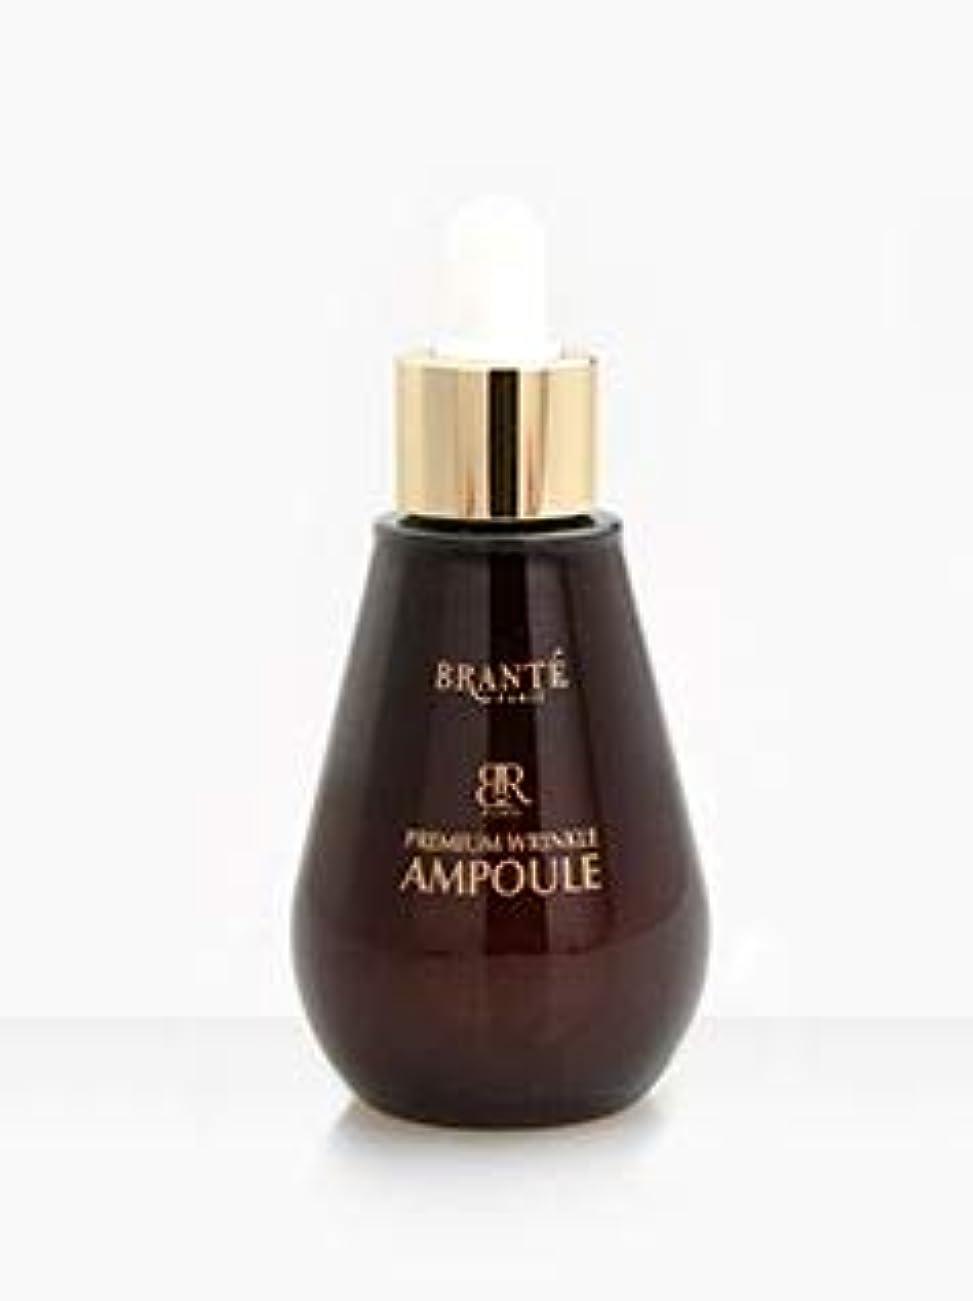 もつれ植木異形[BRANTE] Premium Wrinkle Ampoule 50ml / [BRANTE]プレミアムリンクルアンプル50ml [並行輸入品]